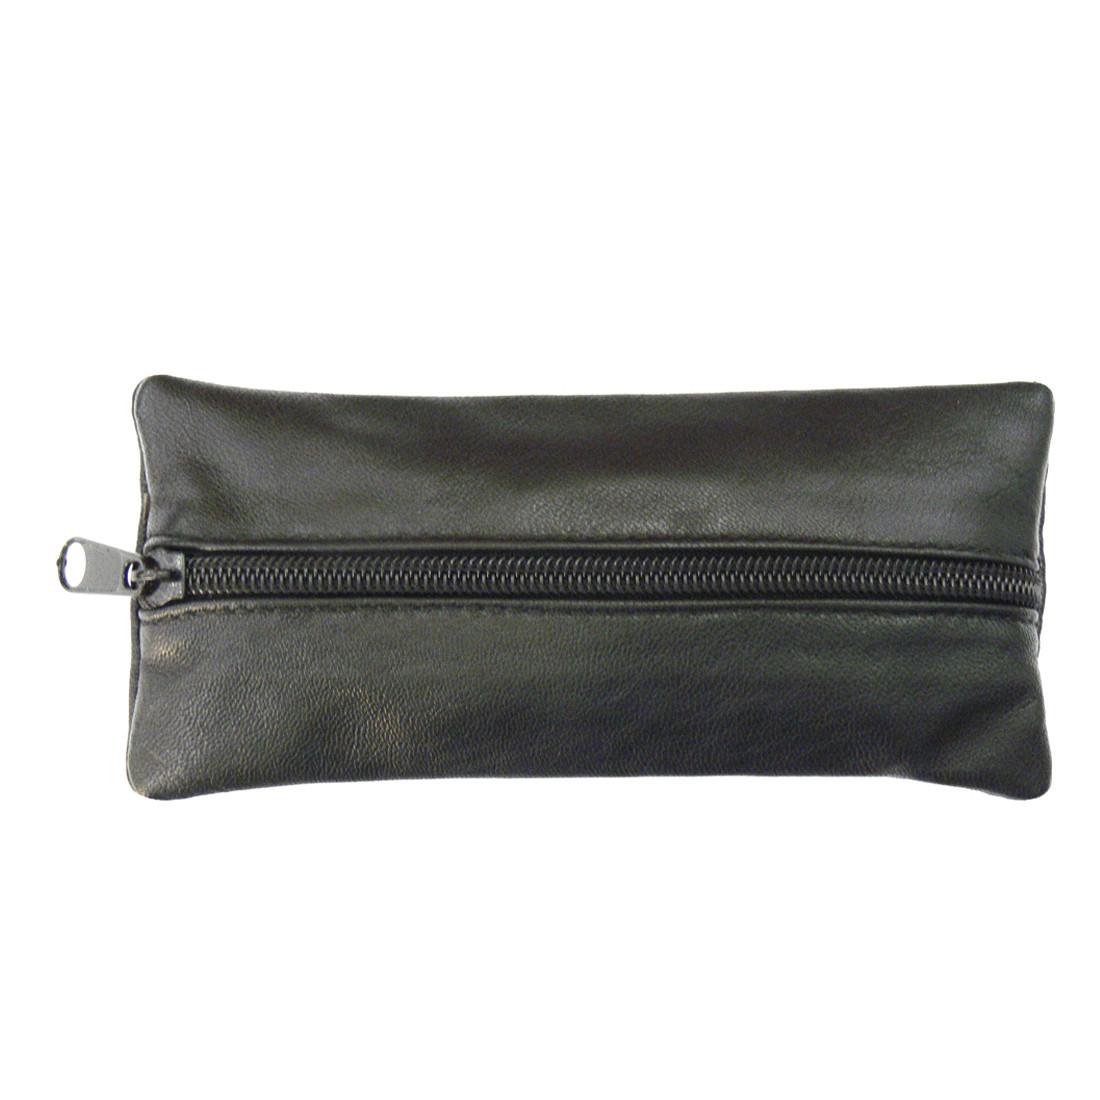 Ключница BagHouse плоская 15 Х 7 см из натуральной кожи клп15ч